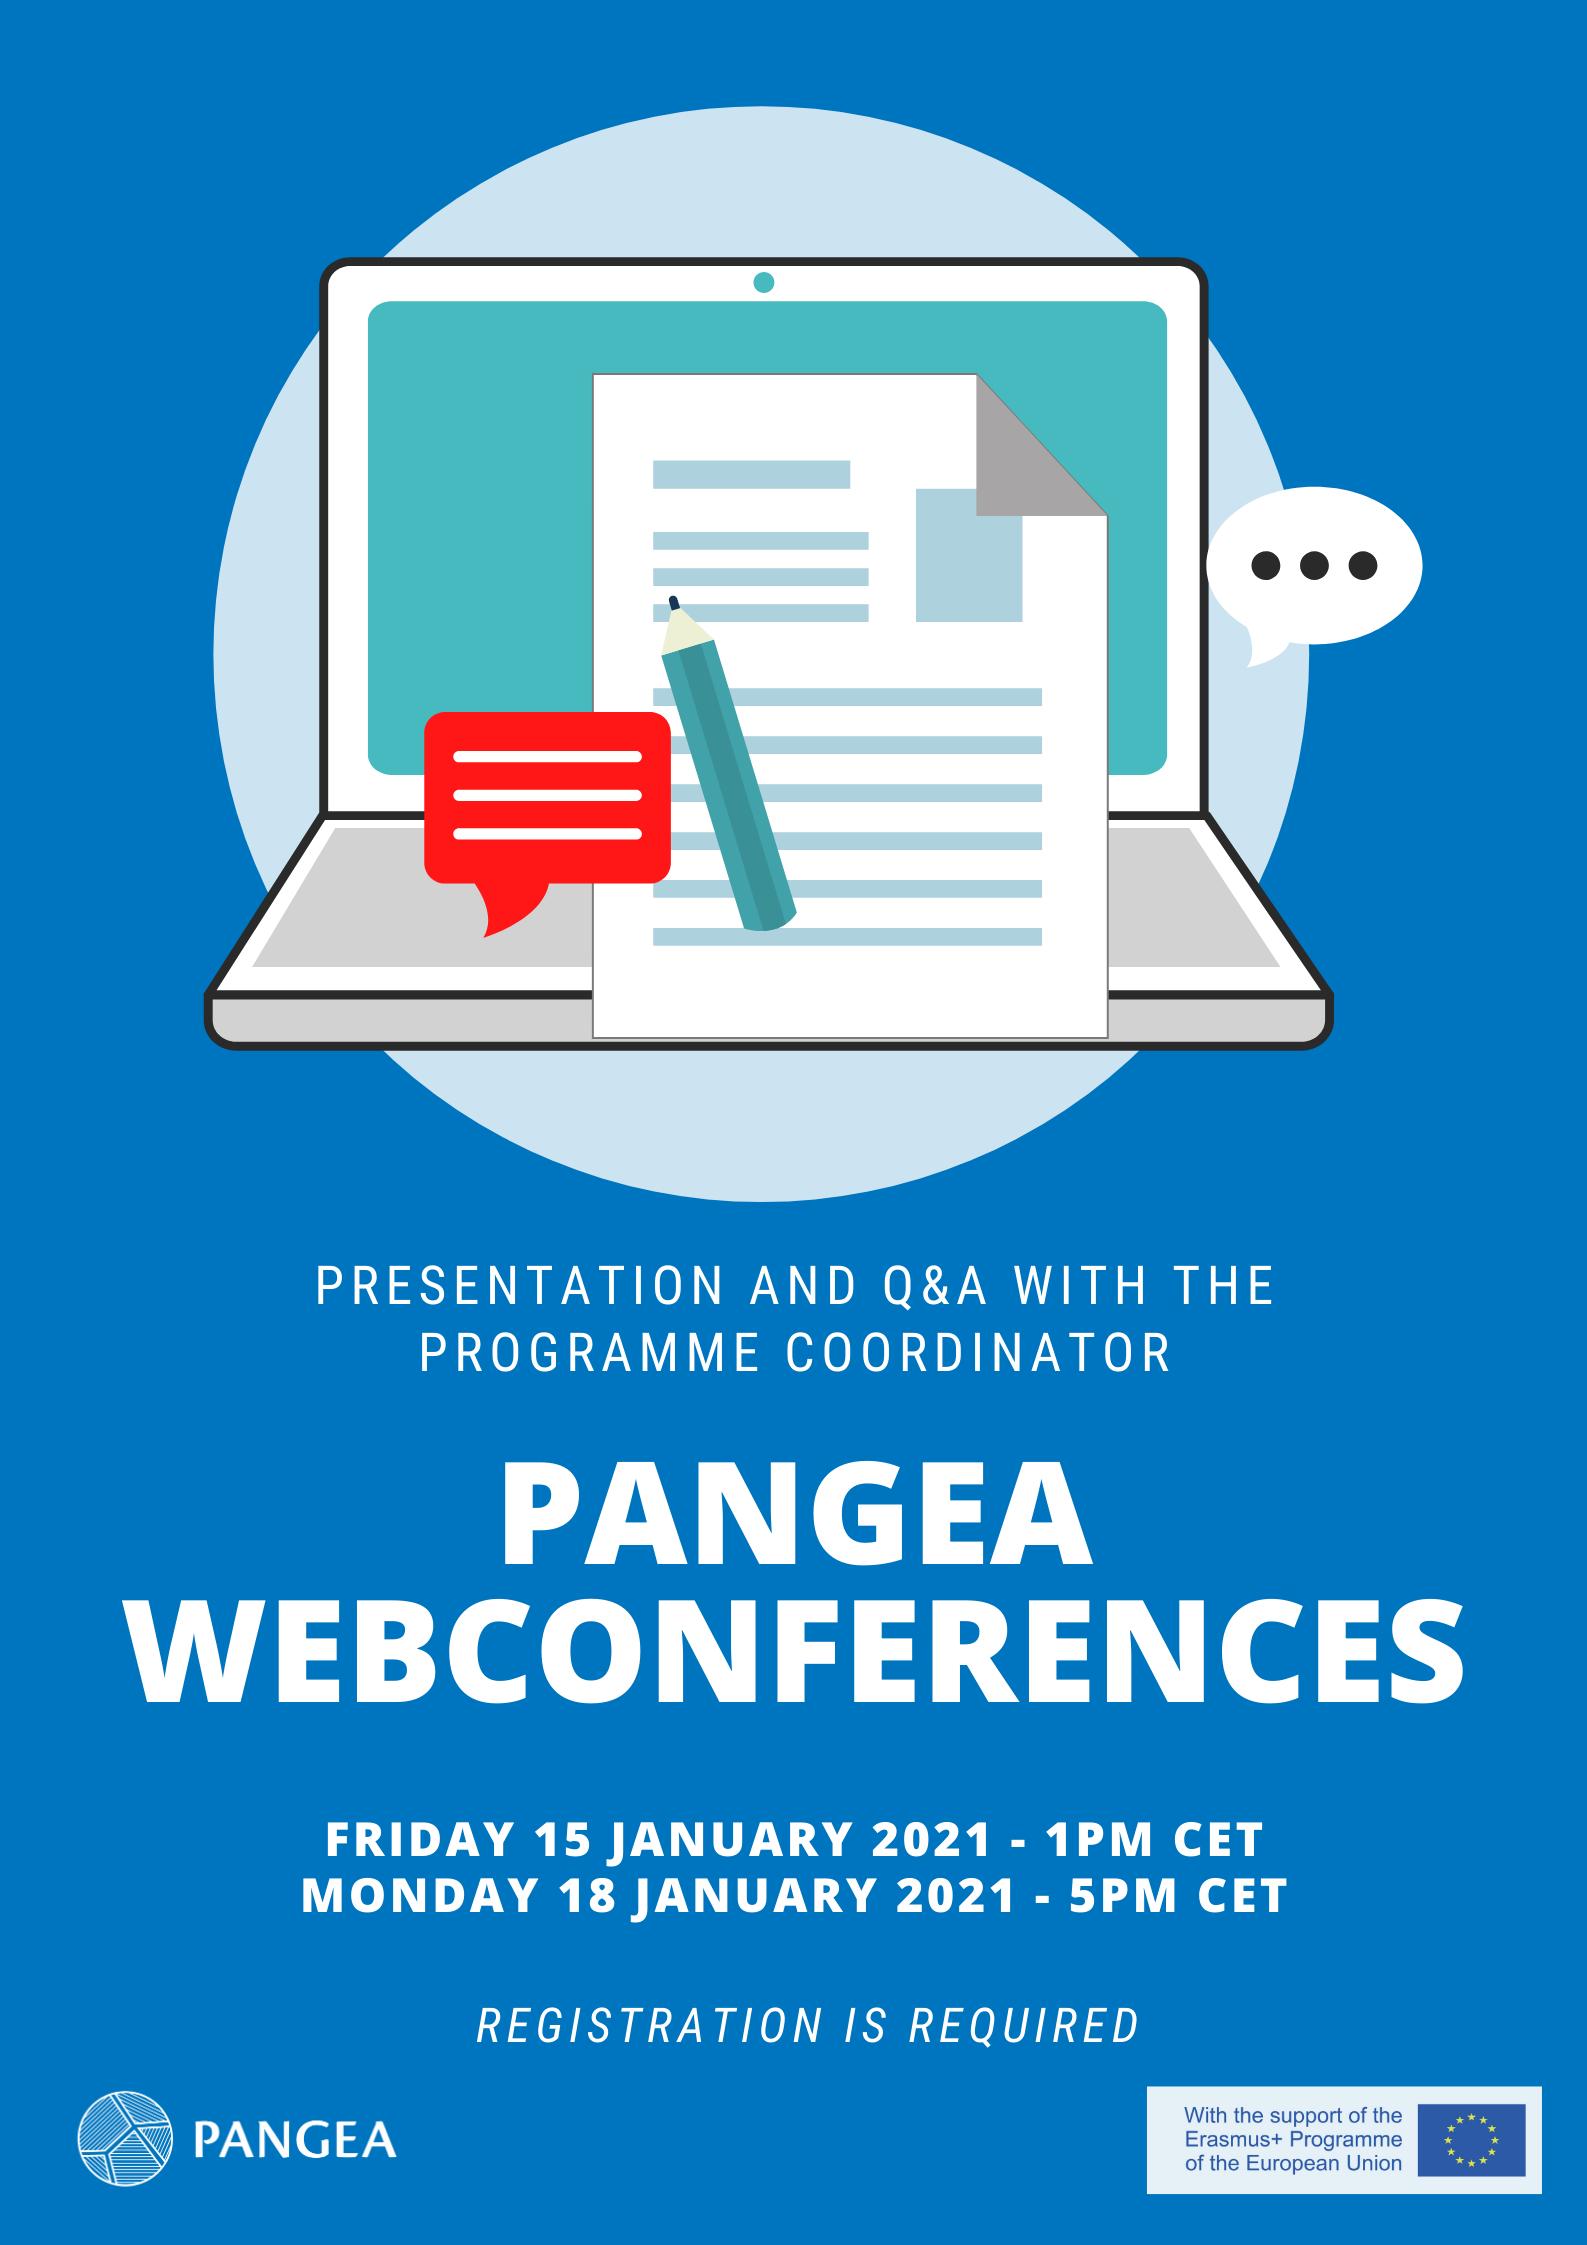 PANGEA Webconferences!